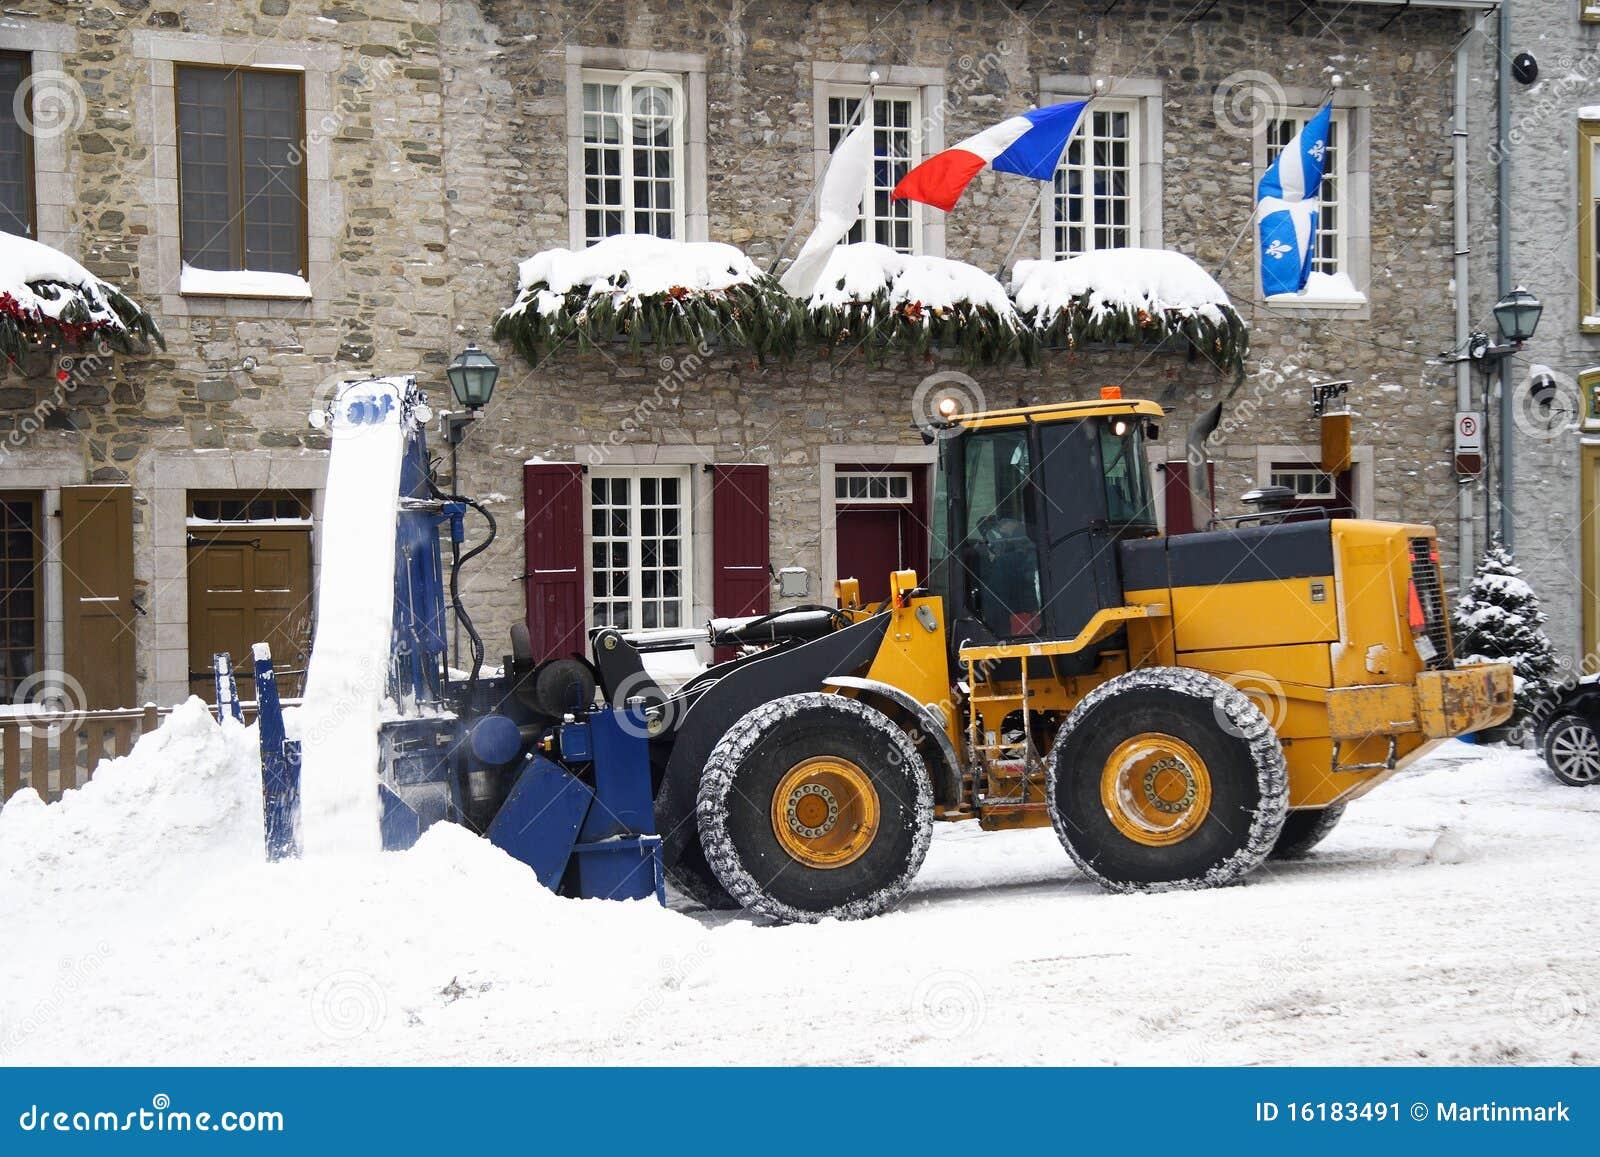 Sneeuw die voertuig verwijdert - sneeuwploeg